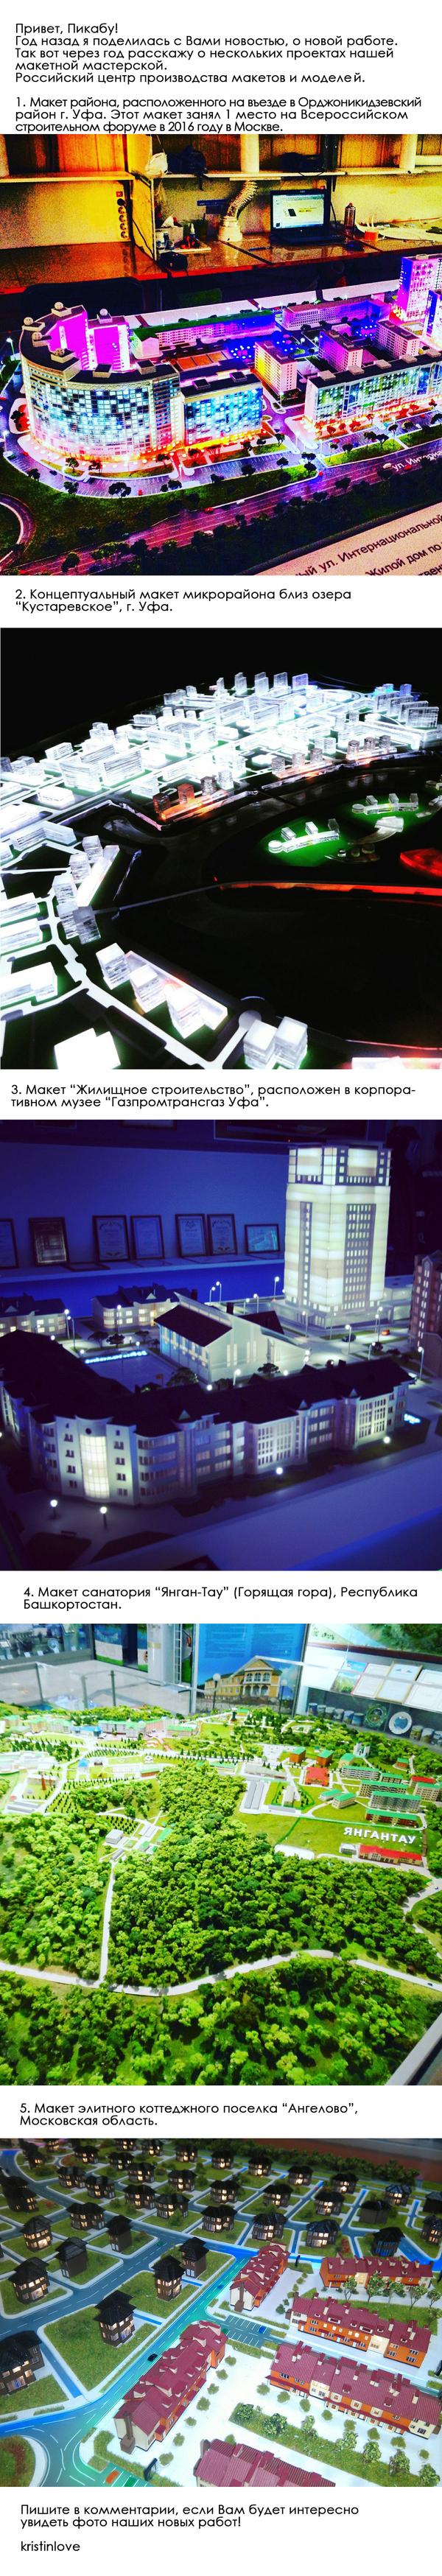 Архитектурные макеты от Российского центра макетов и моделей Макет, Макетирование, Архитектурный макет, Макет дома, Работа, Моё, Scale model, Model workshop, Длиннопост